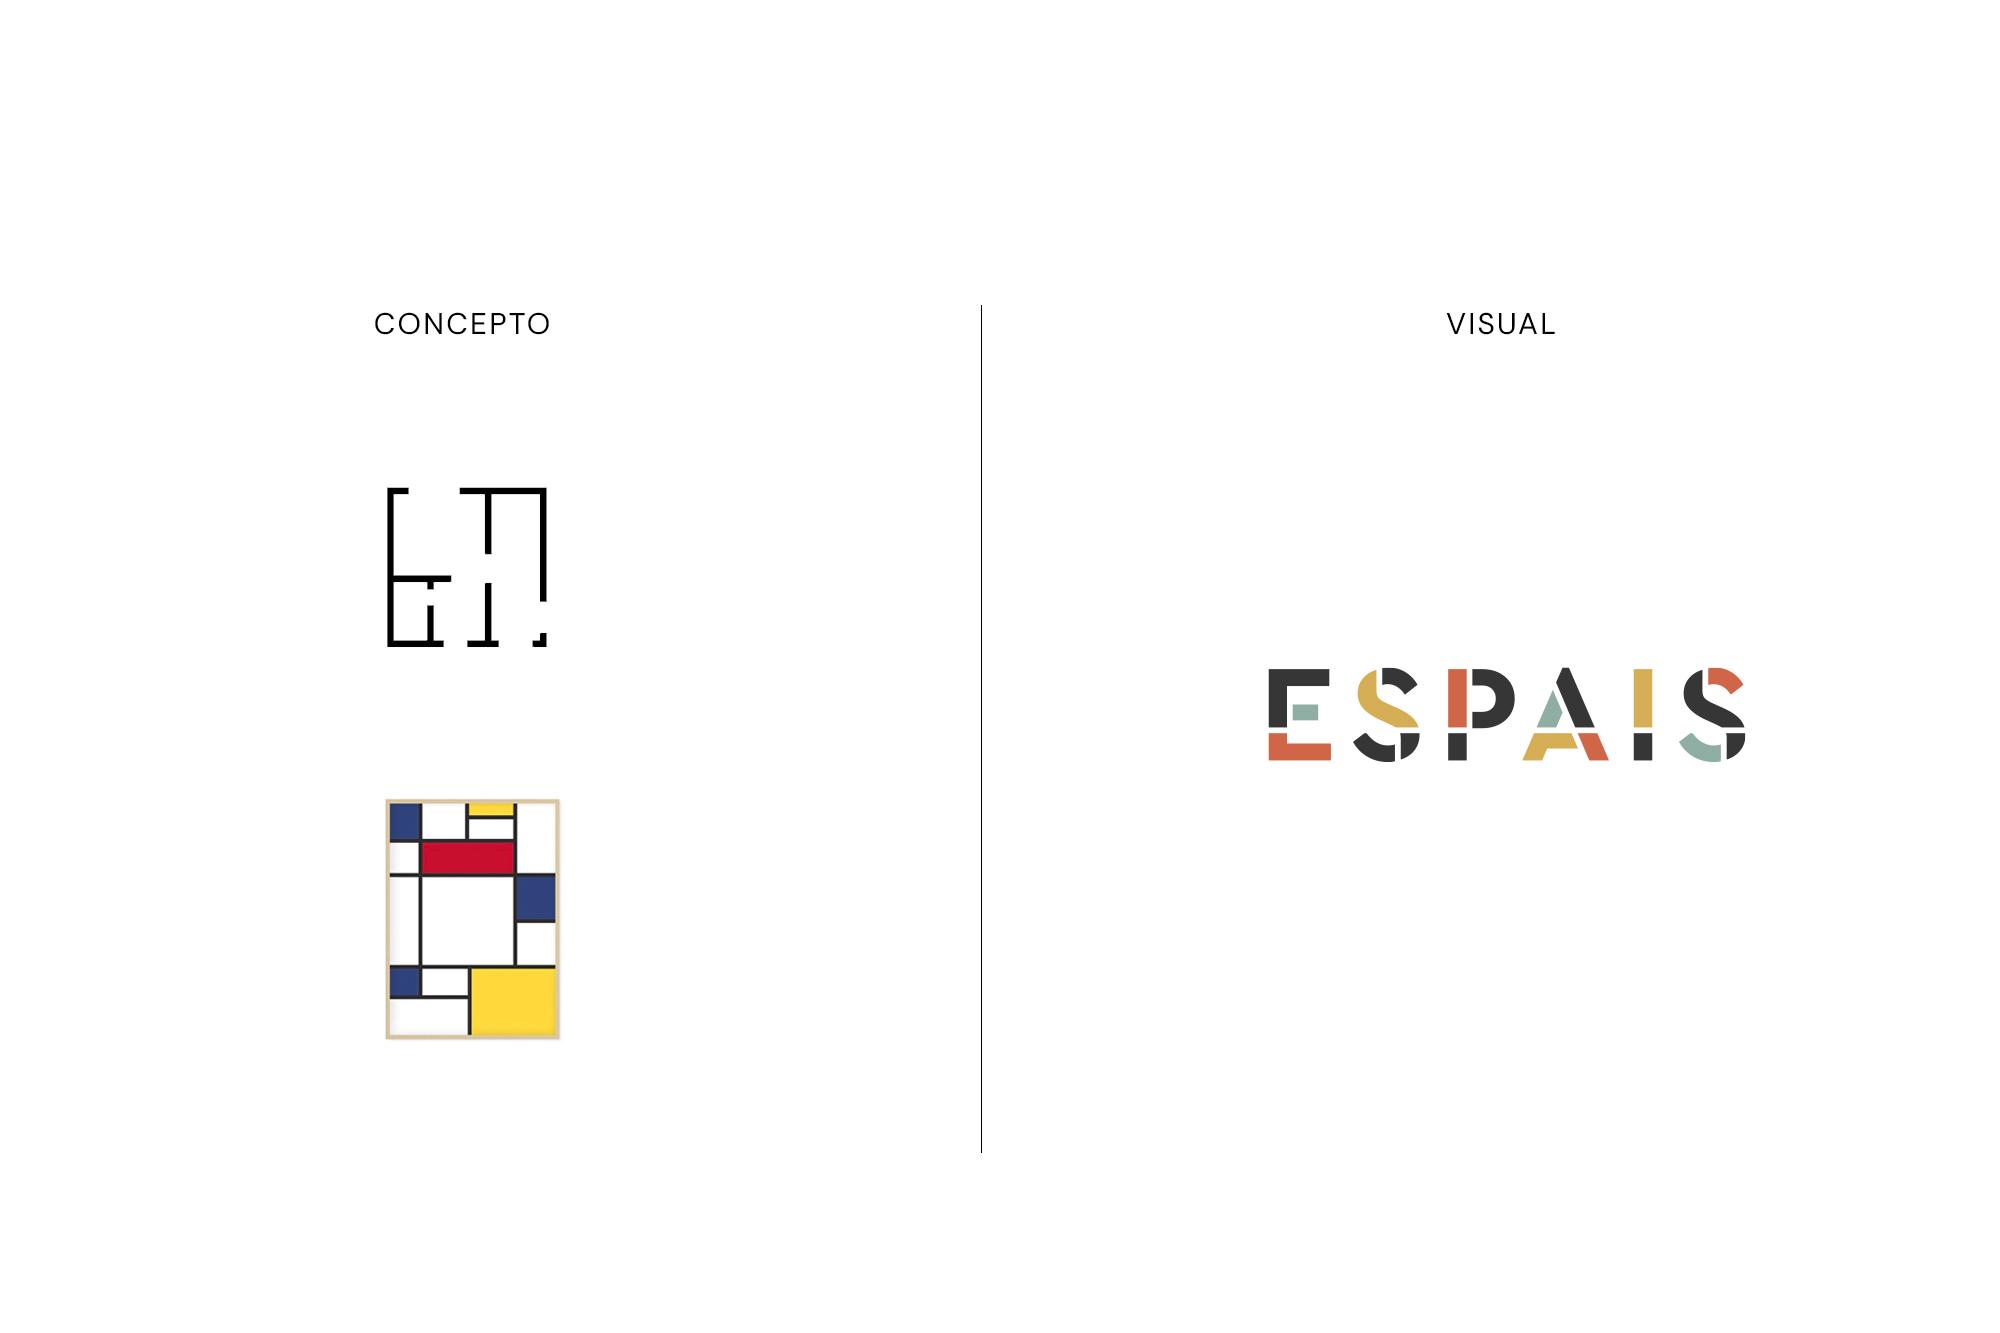 espais-concepto